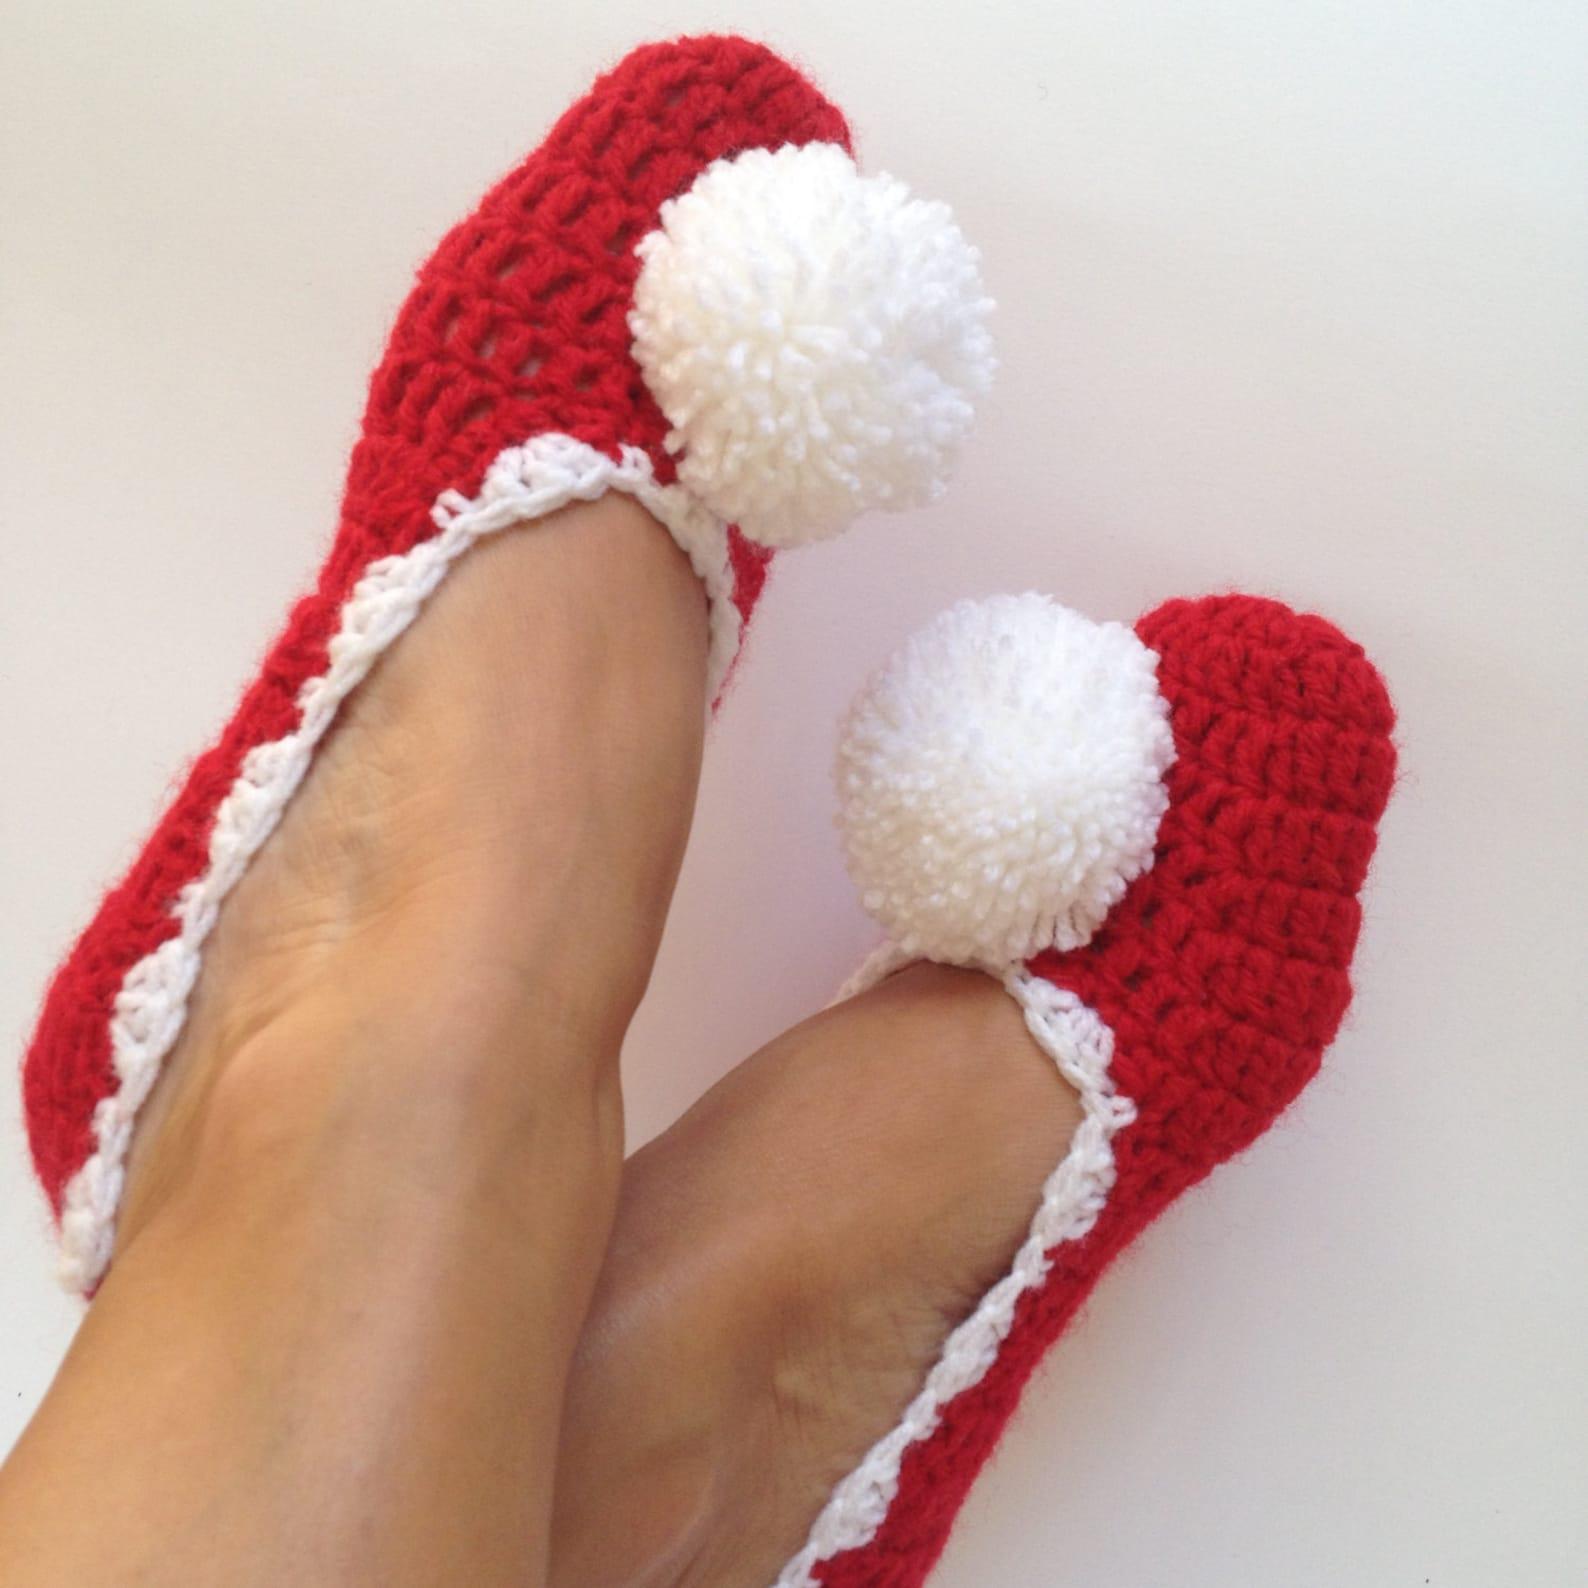 crochet slippers,slippers,ballet flats,handmade slippers,crochet women slippers,home silpper,cozy slippers,christmas gift,knit s